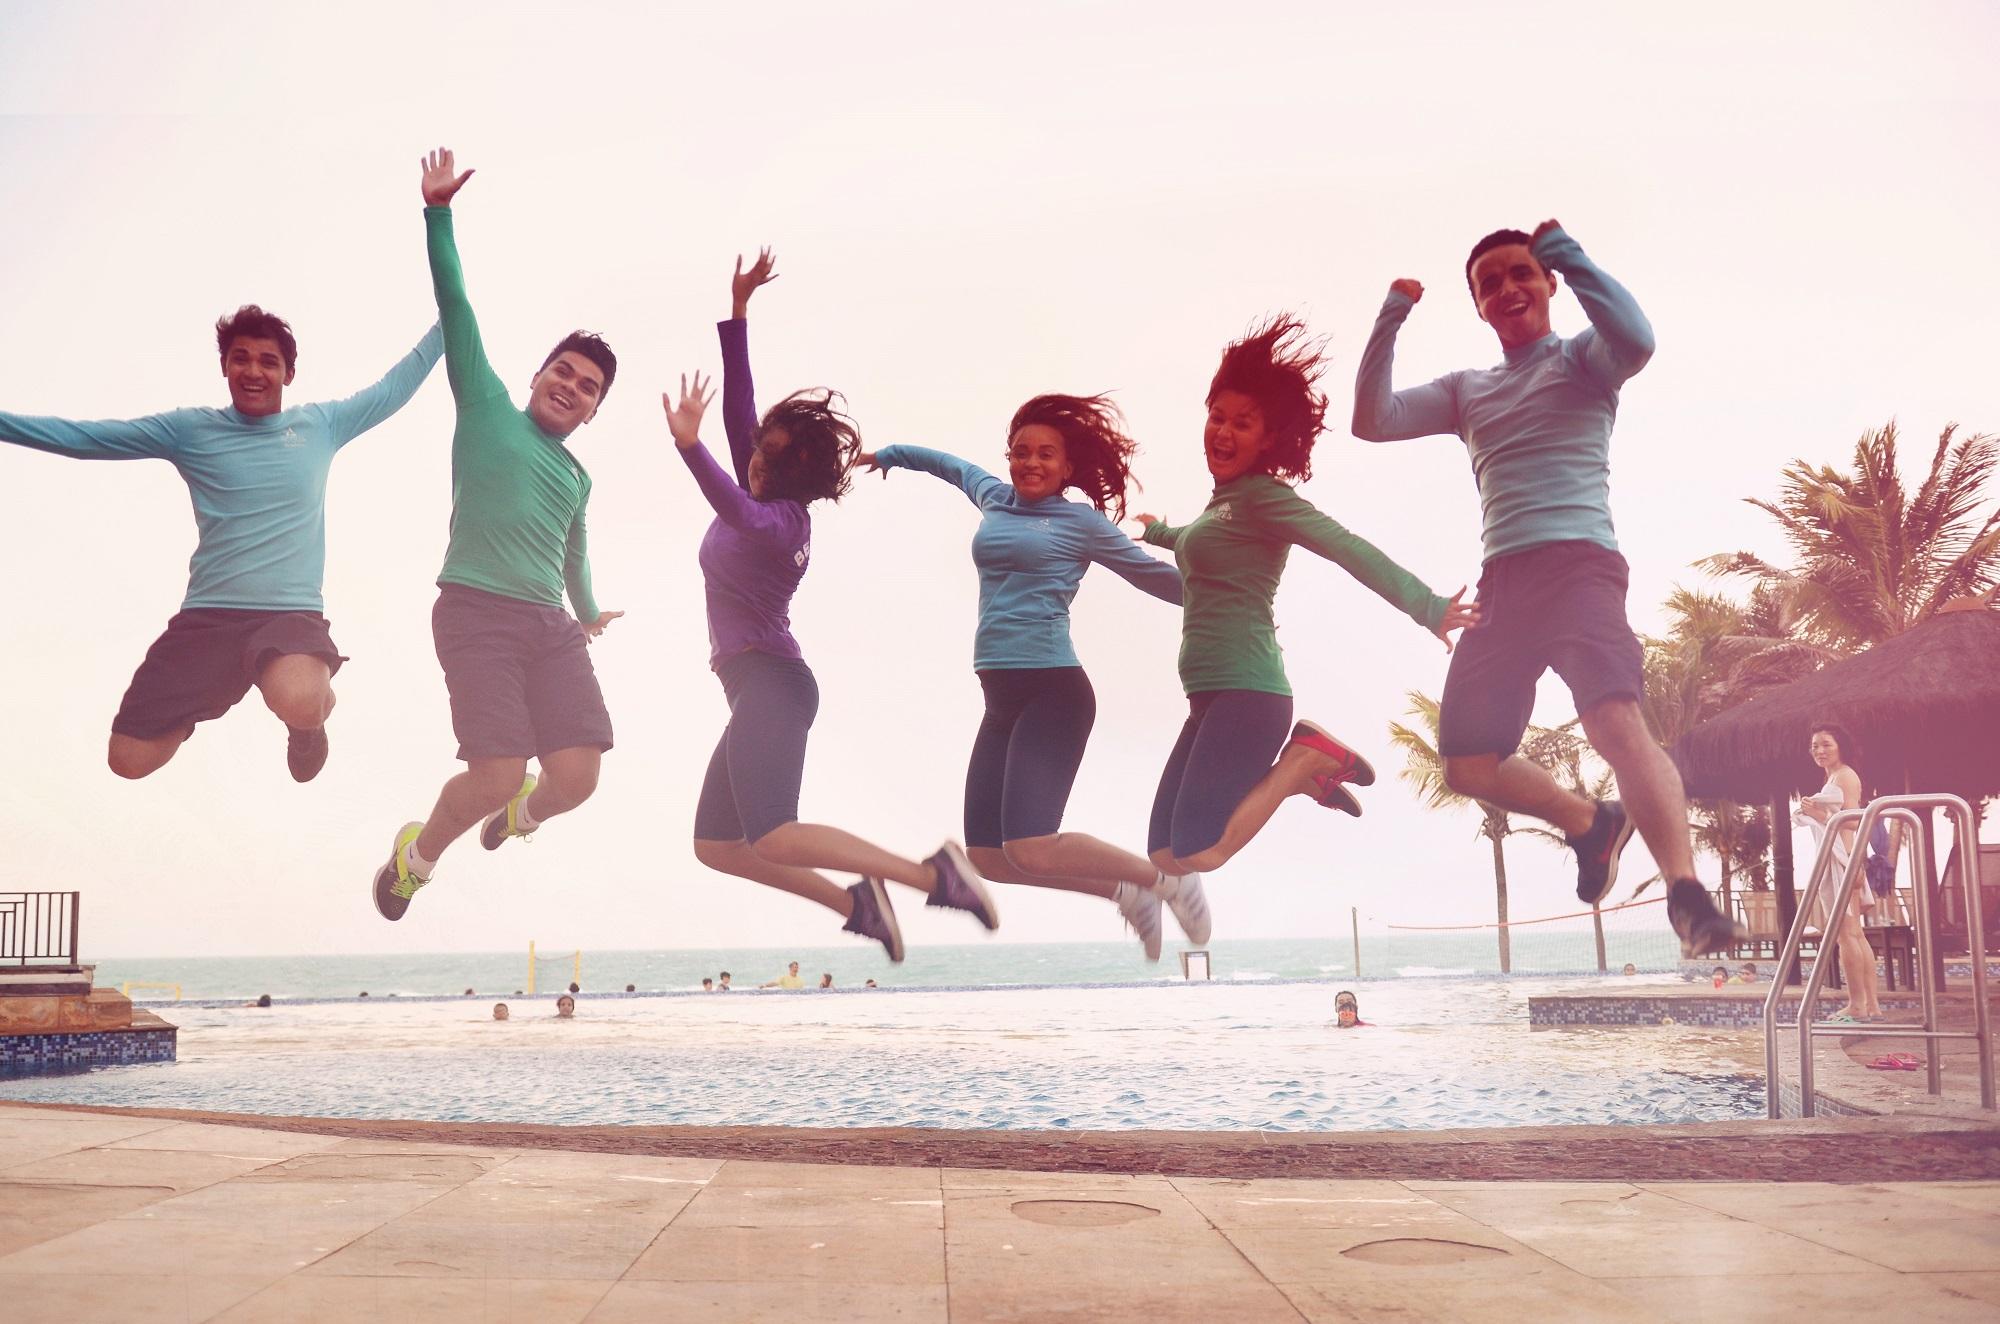 Beach Friends fazendo a alegria